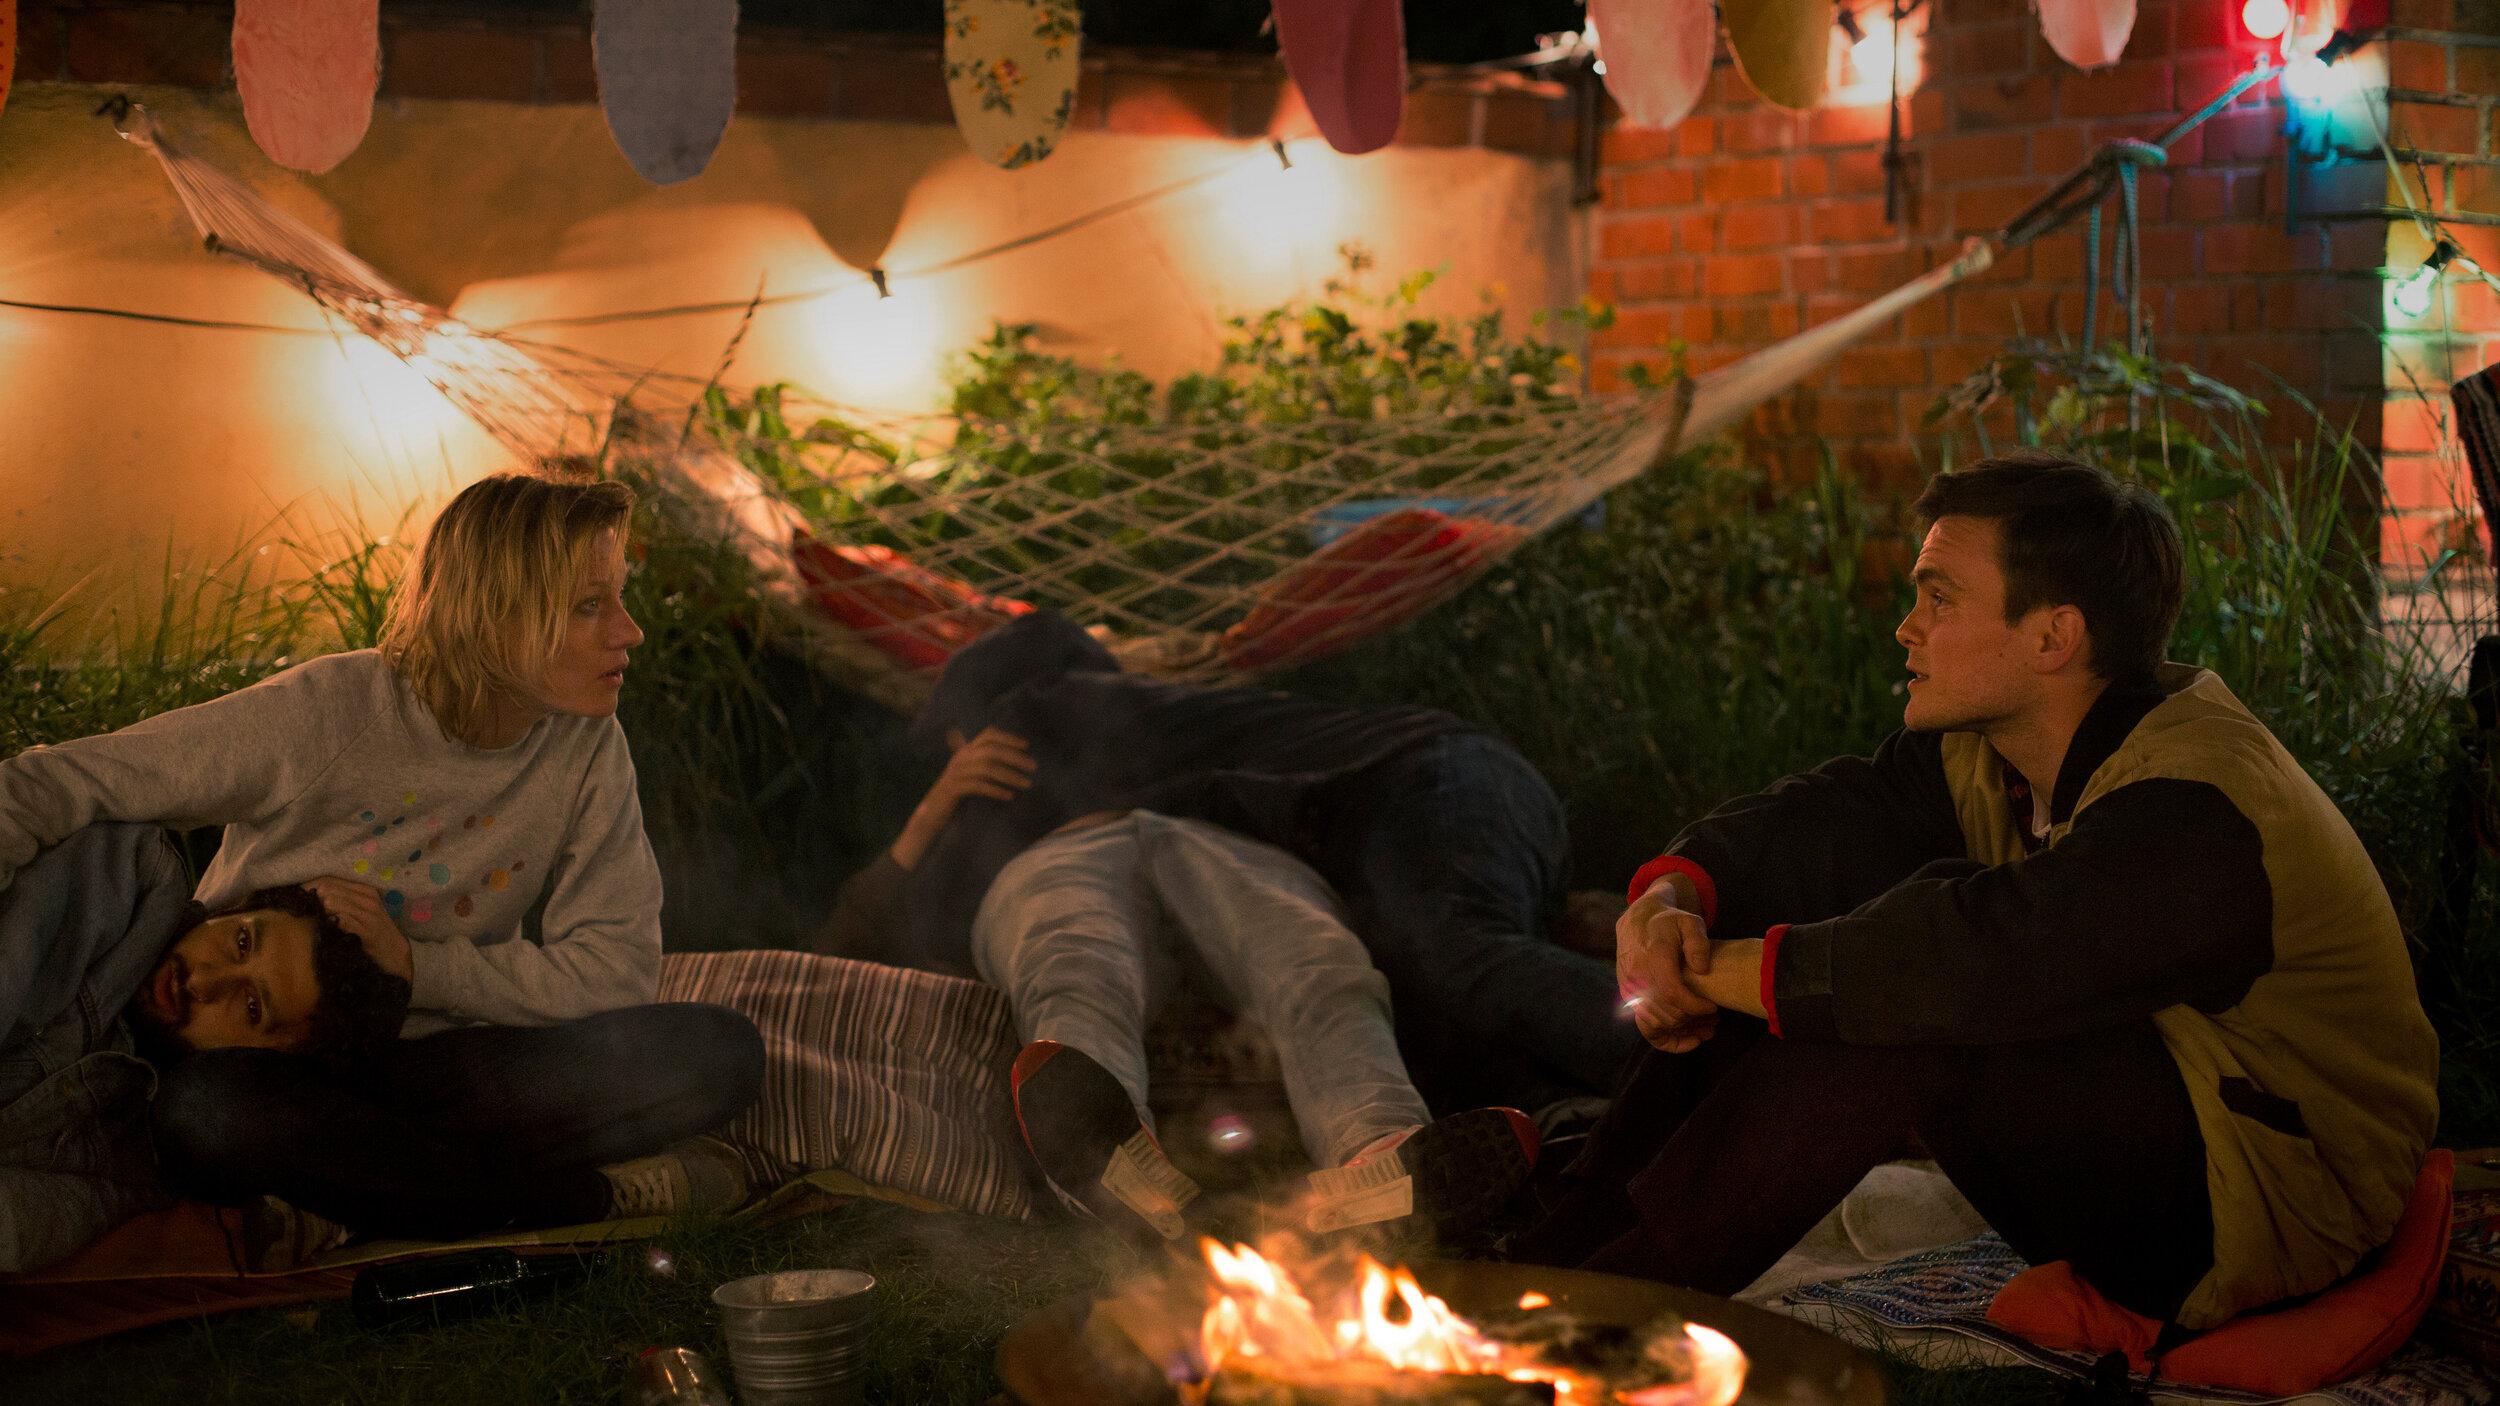 2_Lenz (EricKlotzsch) und Ira (LanaCooper) auf Party (c) Laura Schleicher.jpg